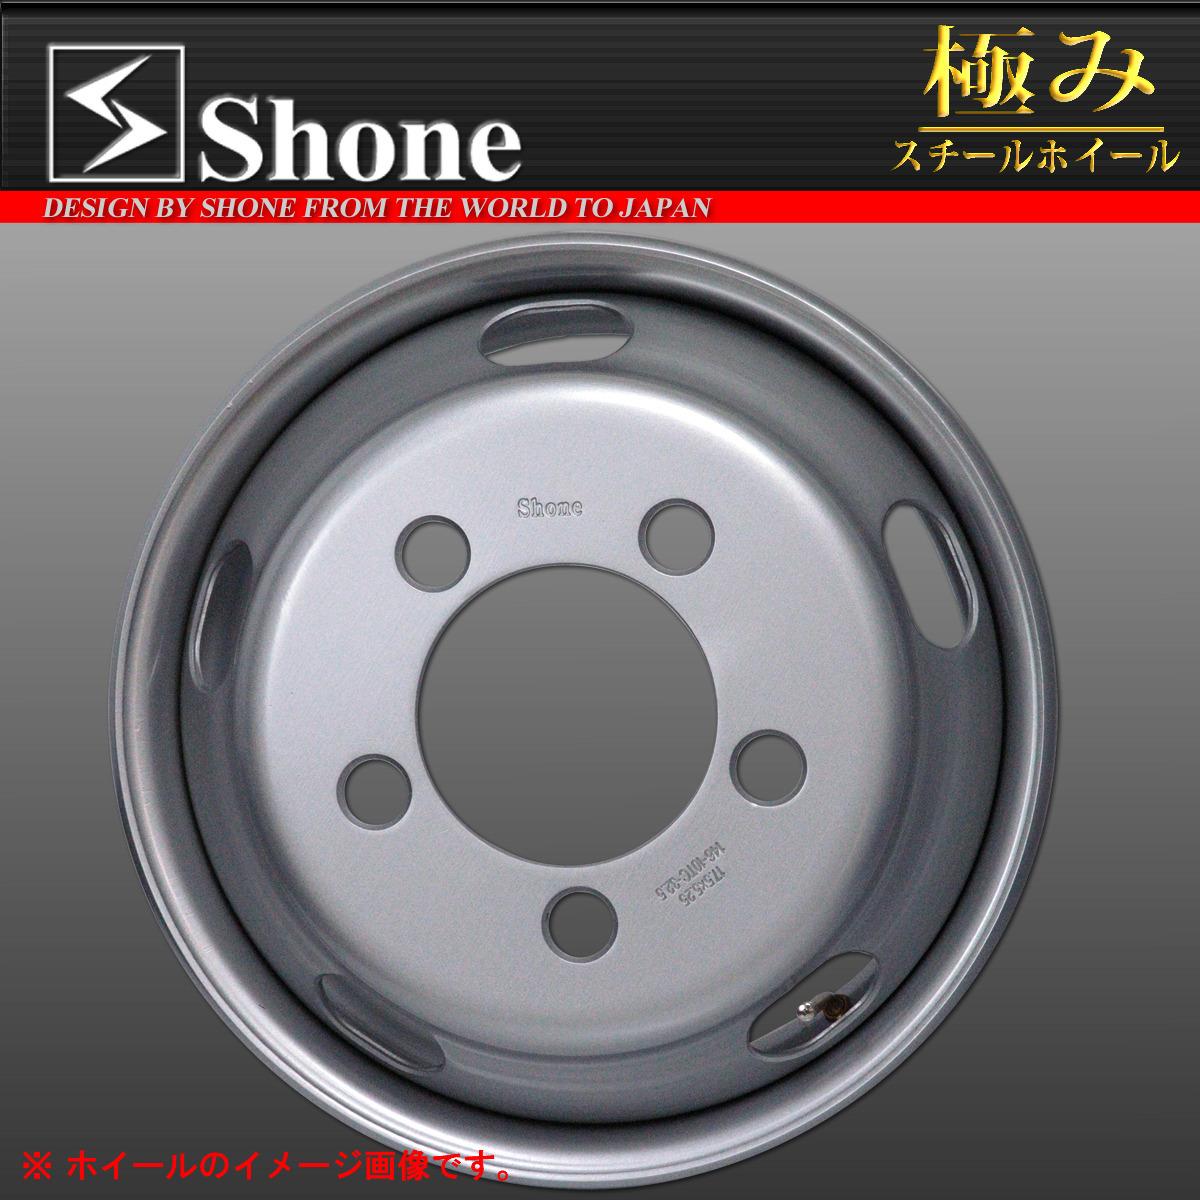 ◆SH10◆キャンター用スチールホイール 17.5×5.25 オフセット+115 5穴 1本価格 SHONE製 NEWモデル 2t車